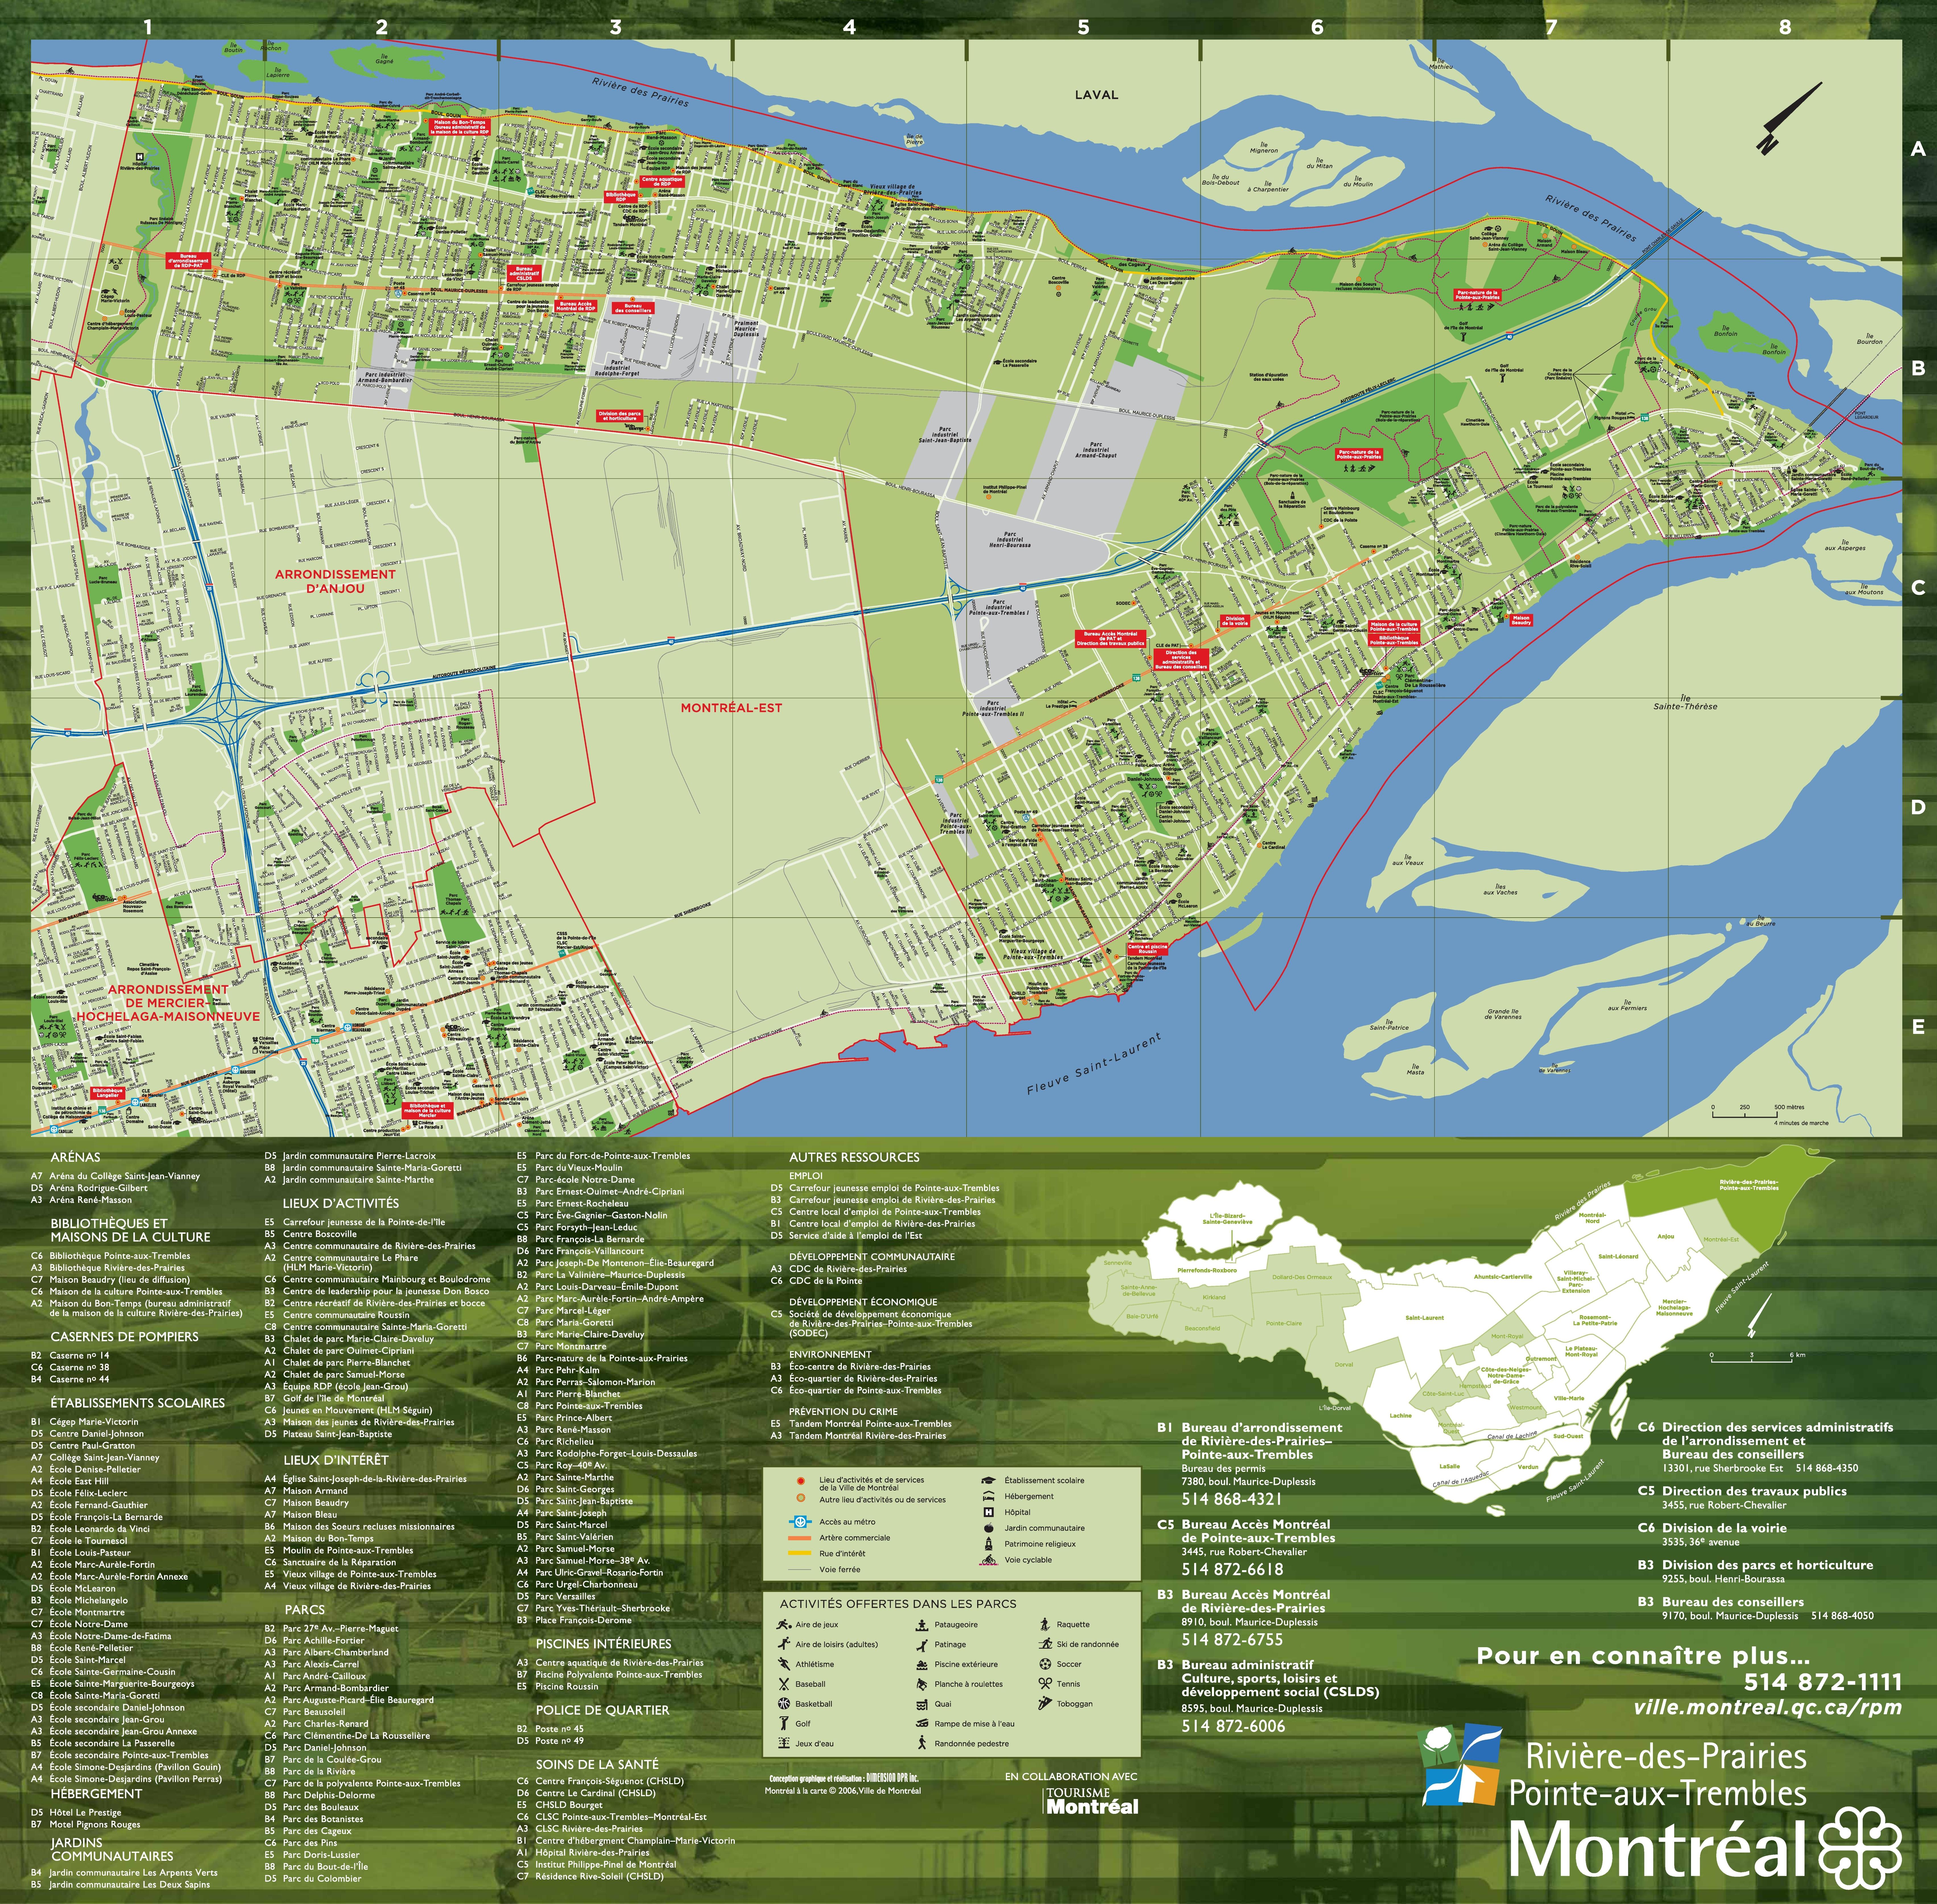 RiviredesPrairiesPointeauxTrembles map